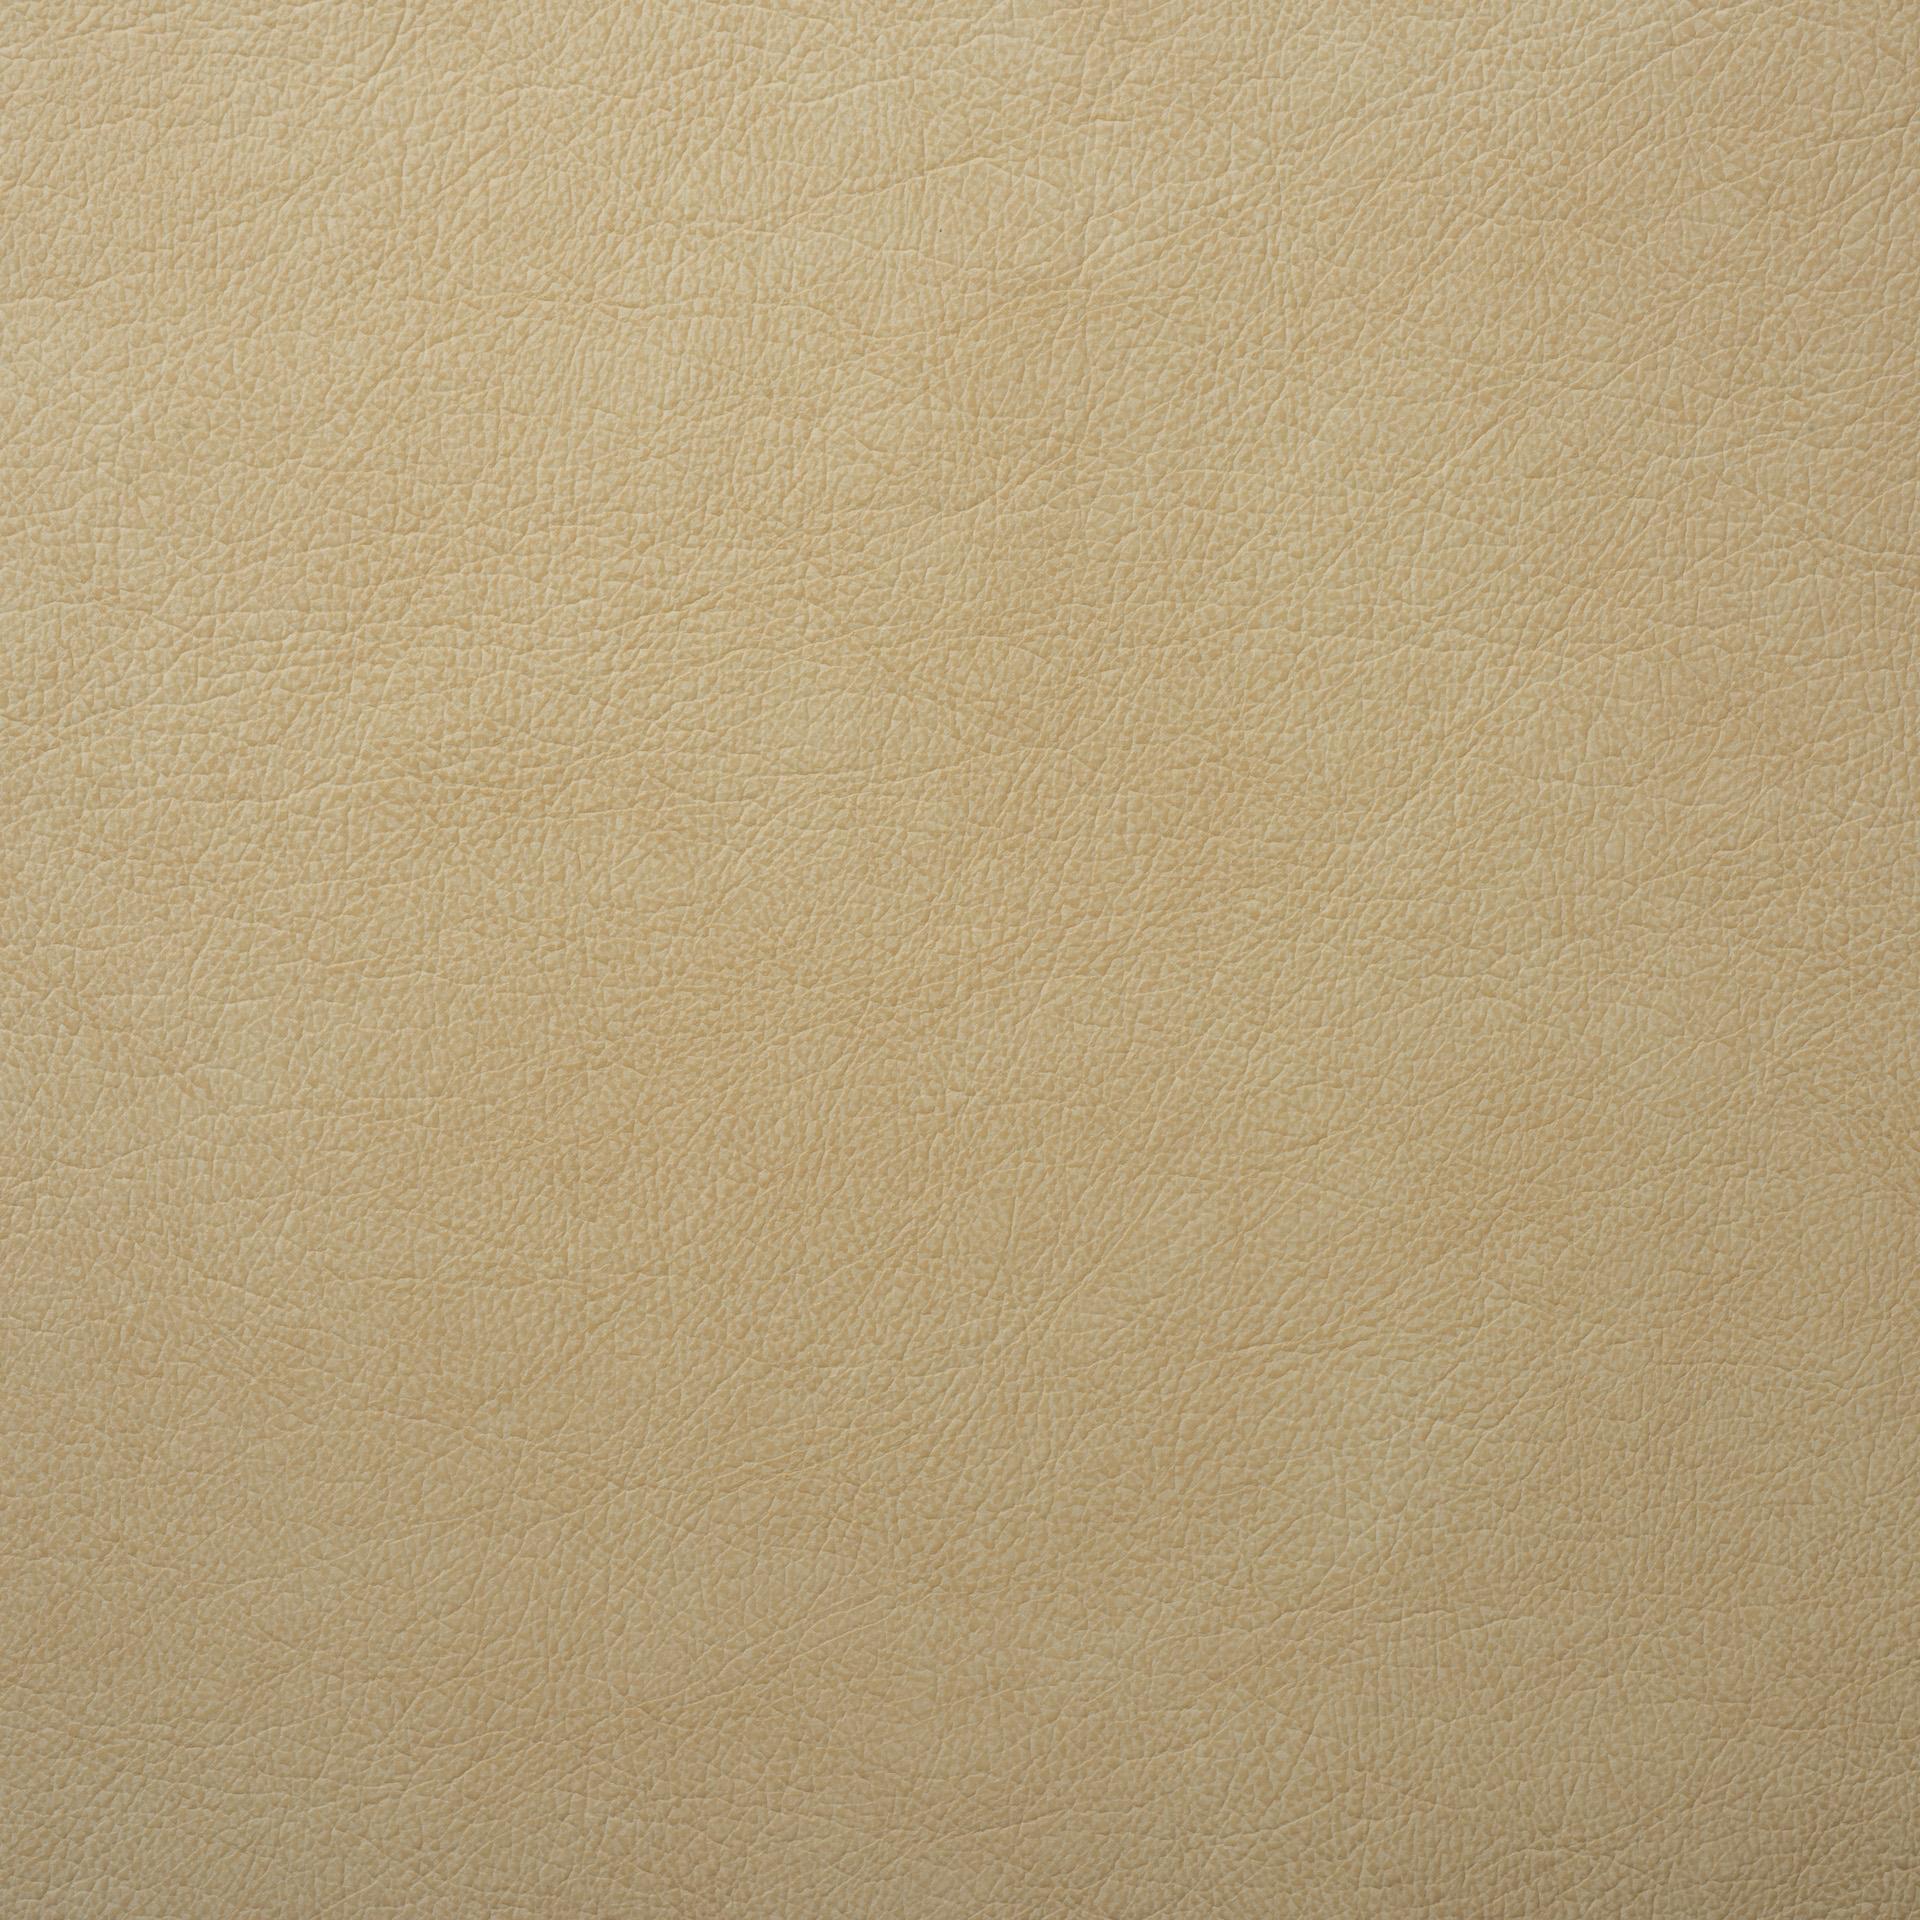 Коллекция ткани Прайм VANILLA,  купить ткань Кож зам для мебели Украина